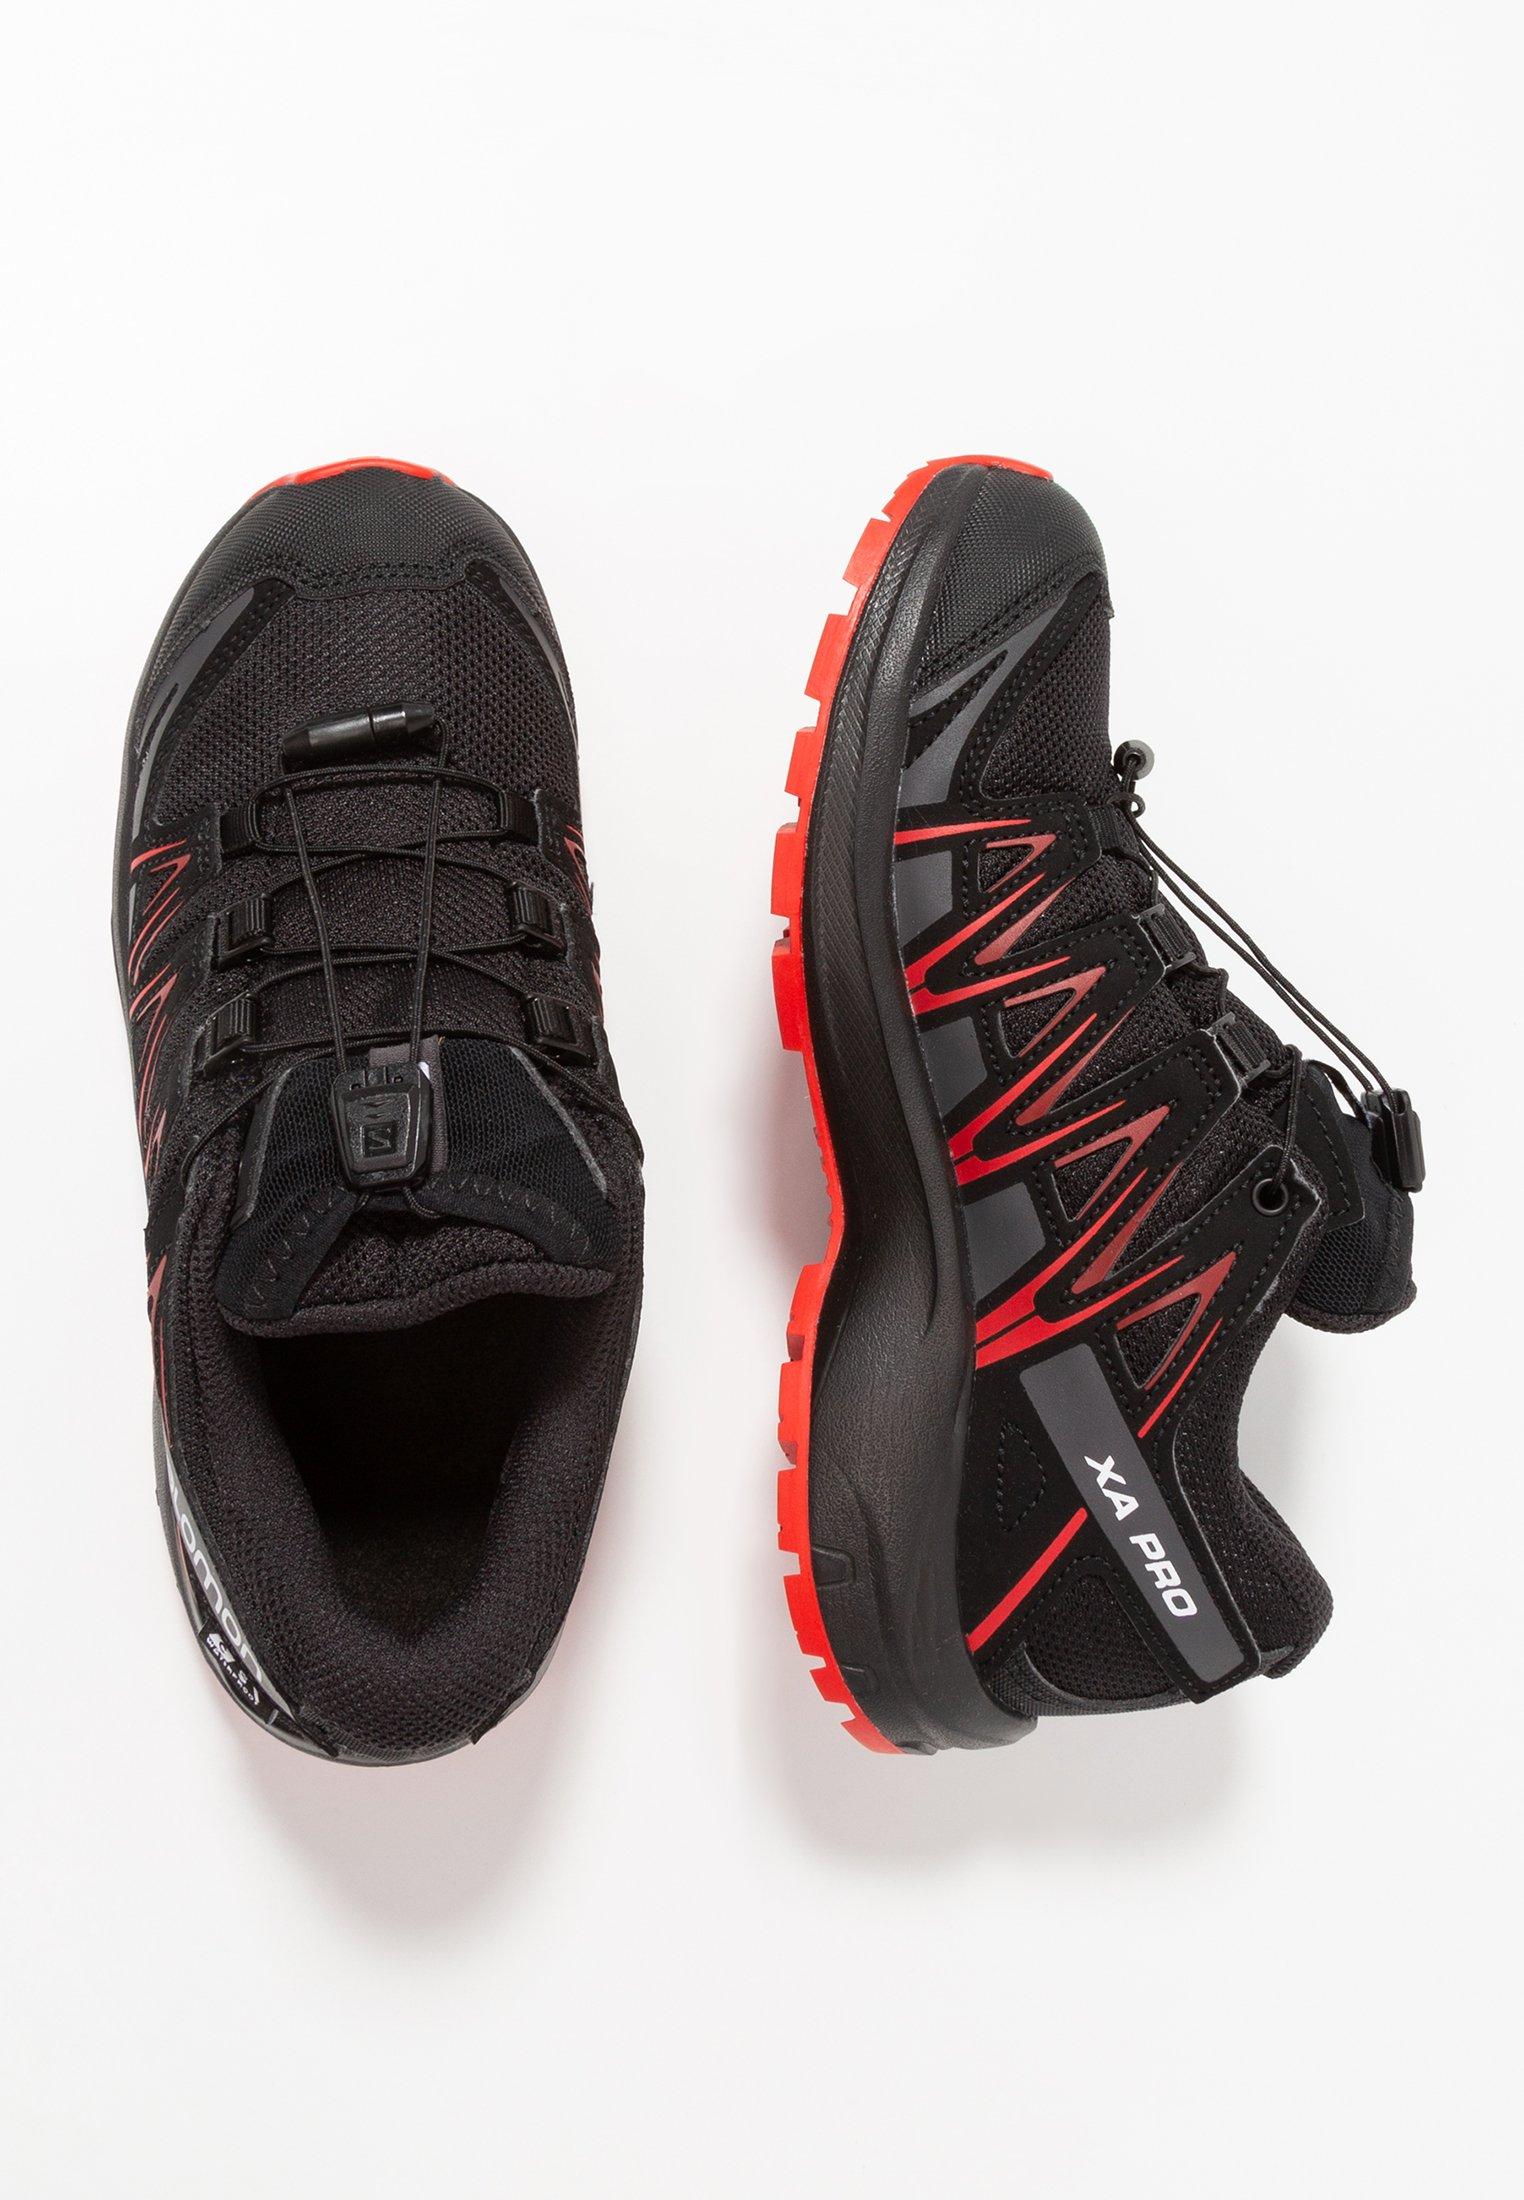 Enfant XA PRO 3D CSWP - Chaussures de marche